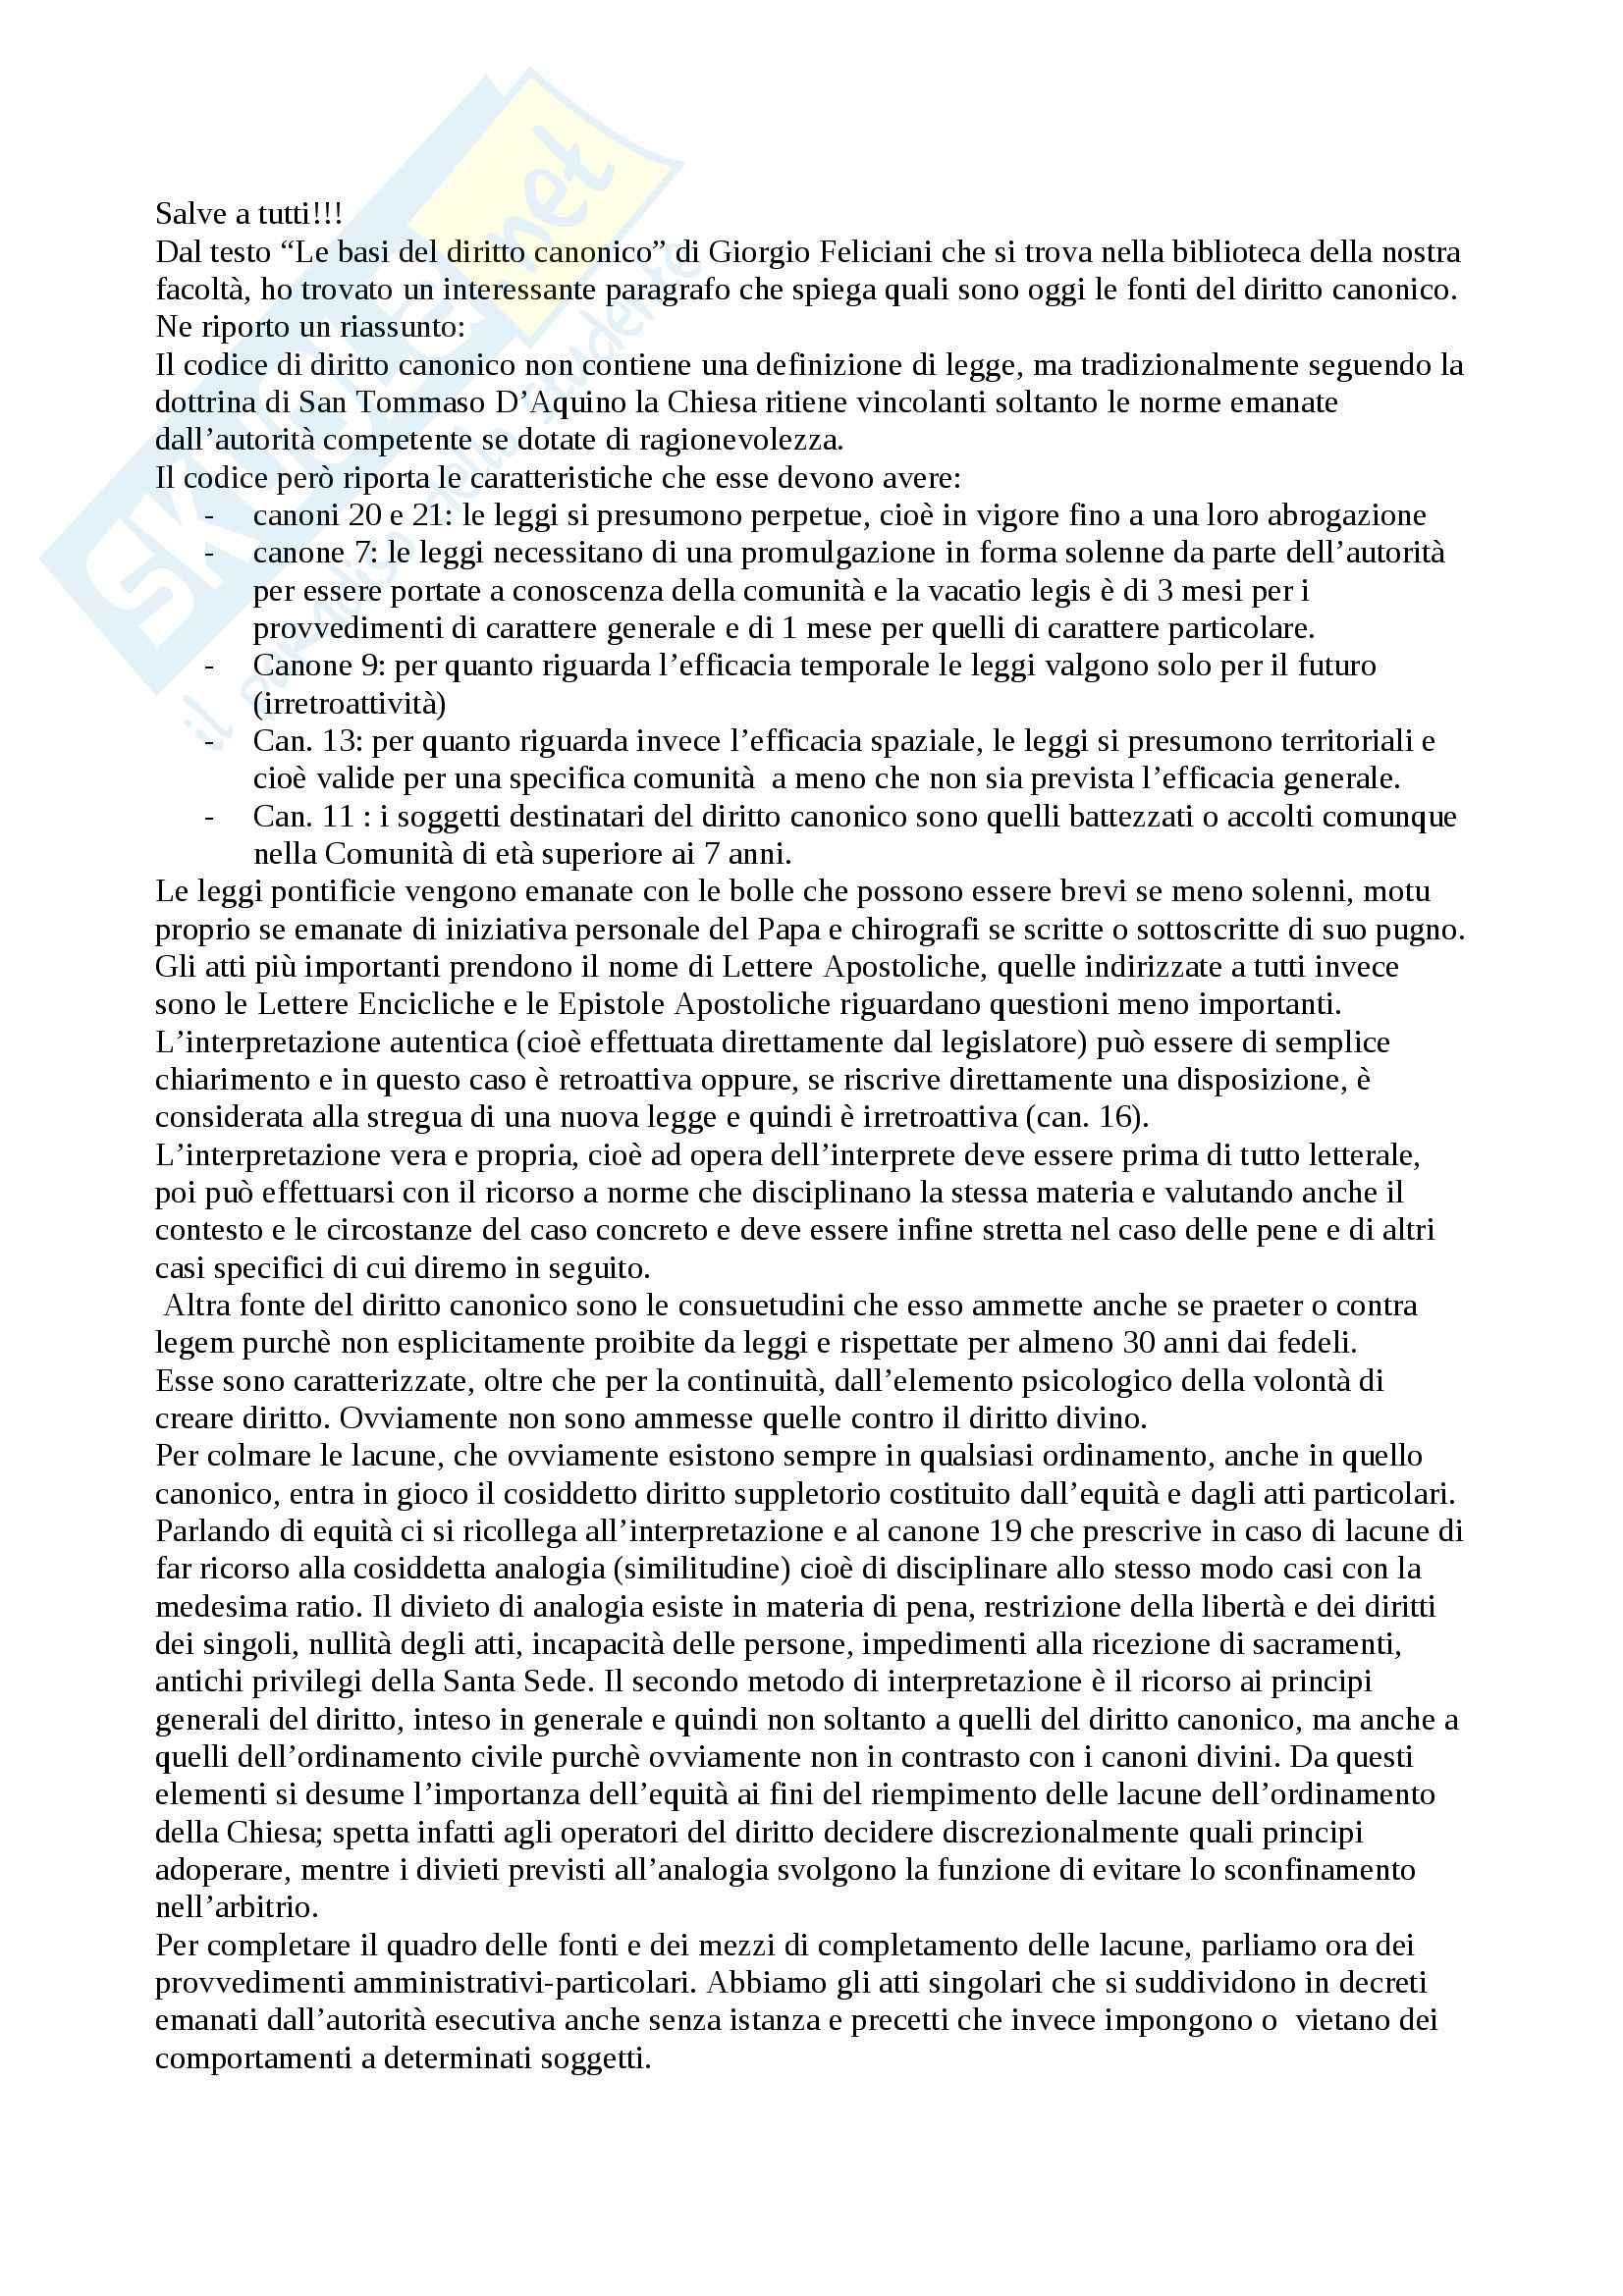 Diritto Canonico - Fonti